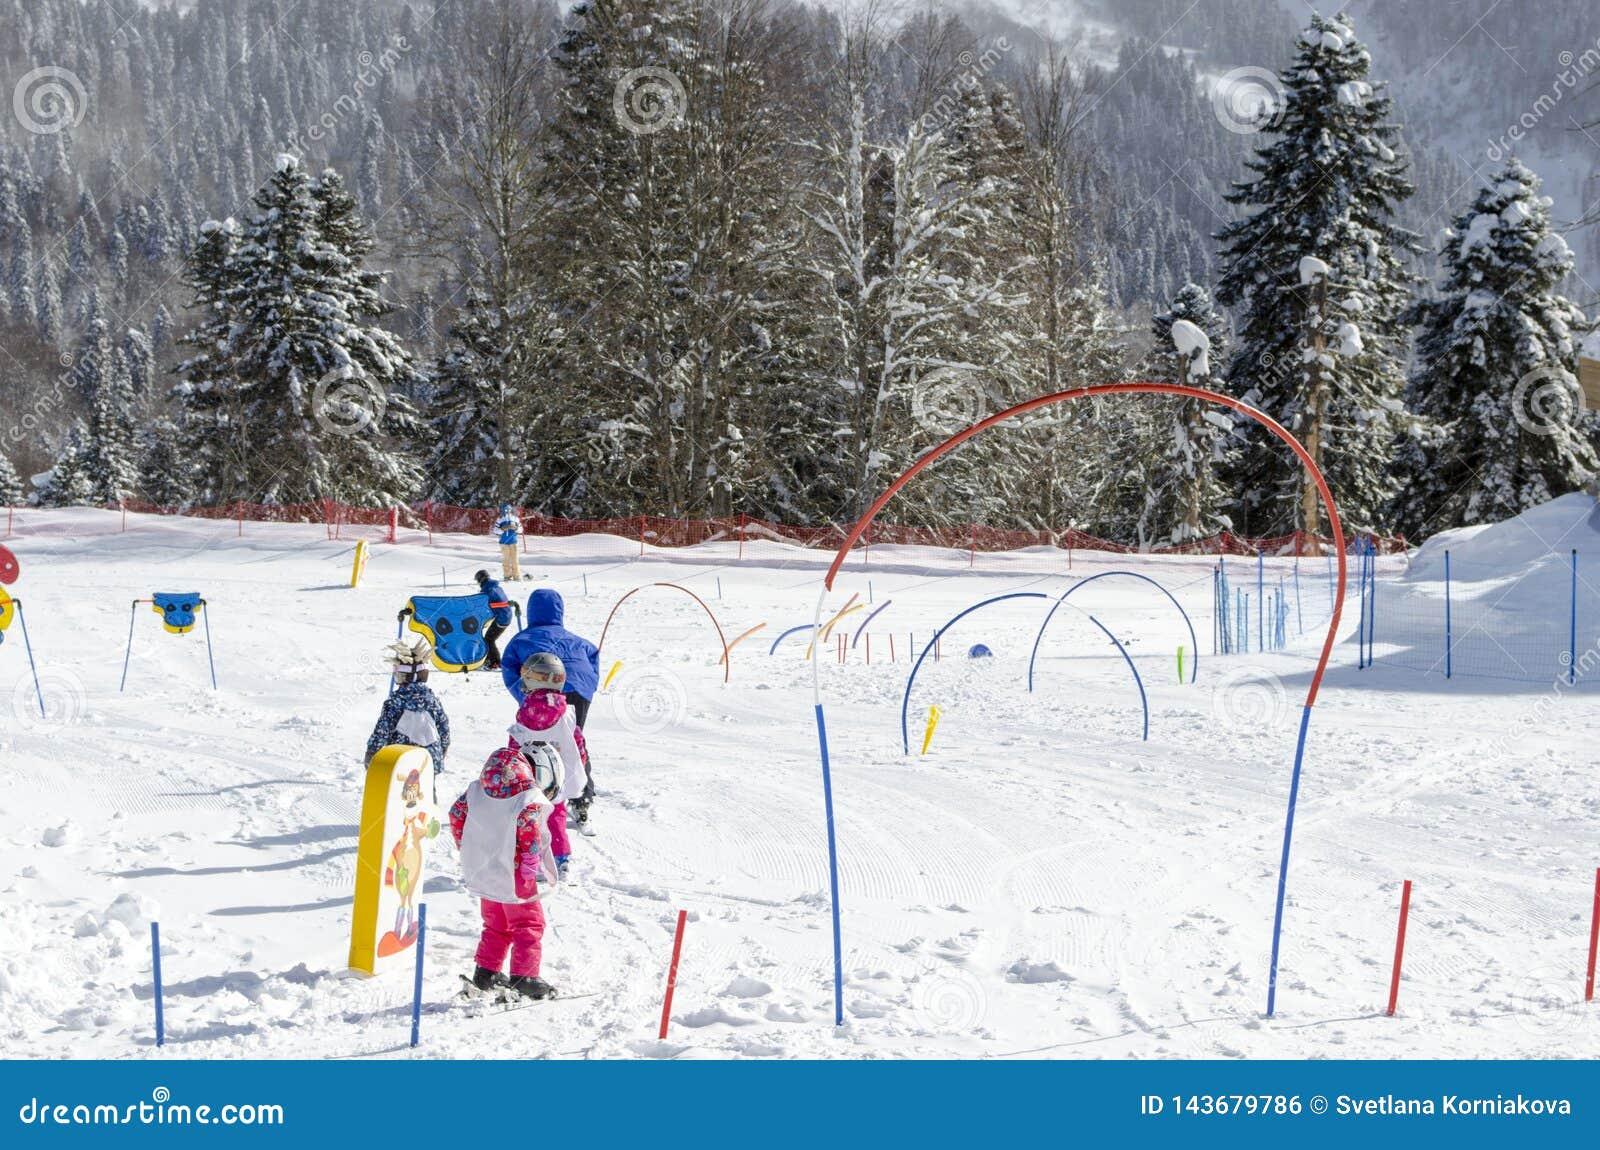 Катаясь на лыжах уроки для детей на лыжном курорте Krasnaya Polyana России